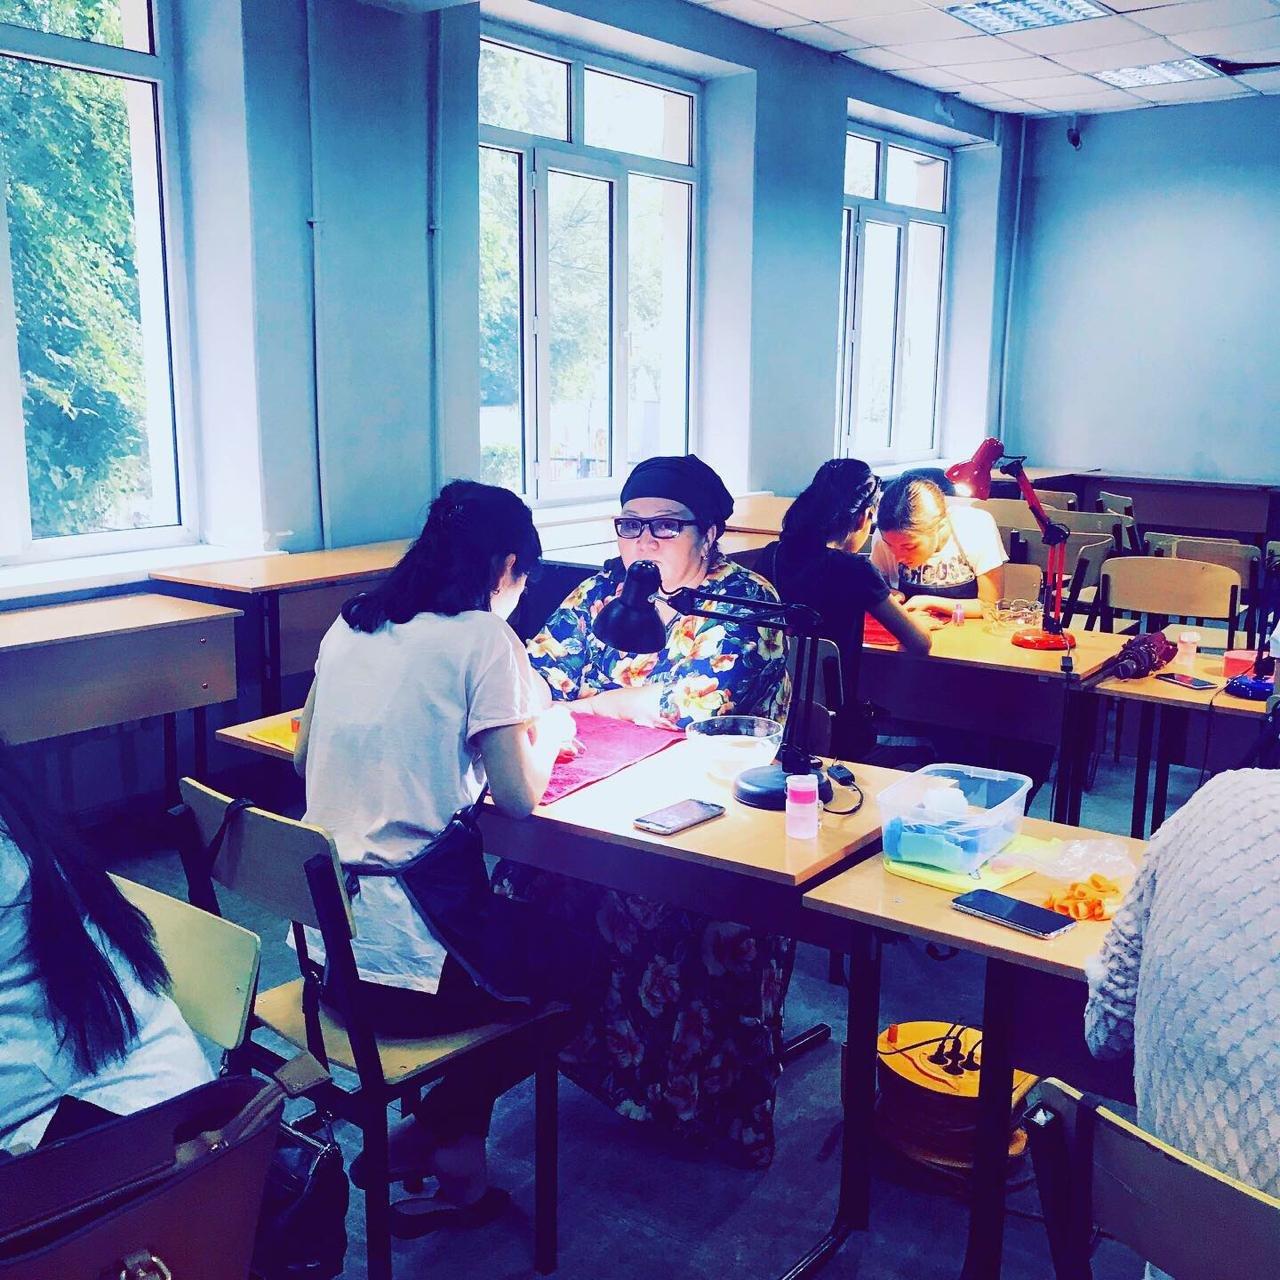 В Алматы районный акимат на тренинг для многодетных пригласил визажиста и нумеролога, фото-1